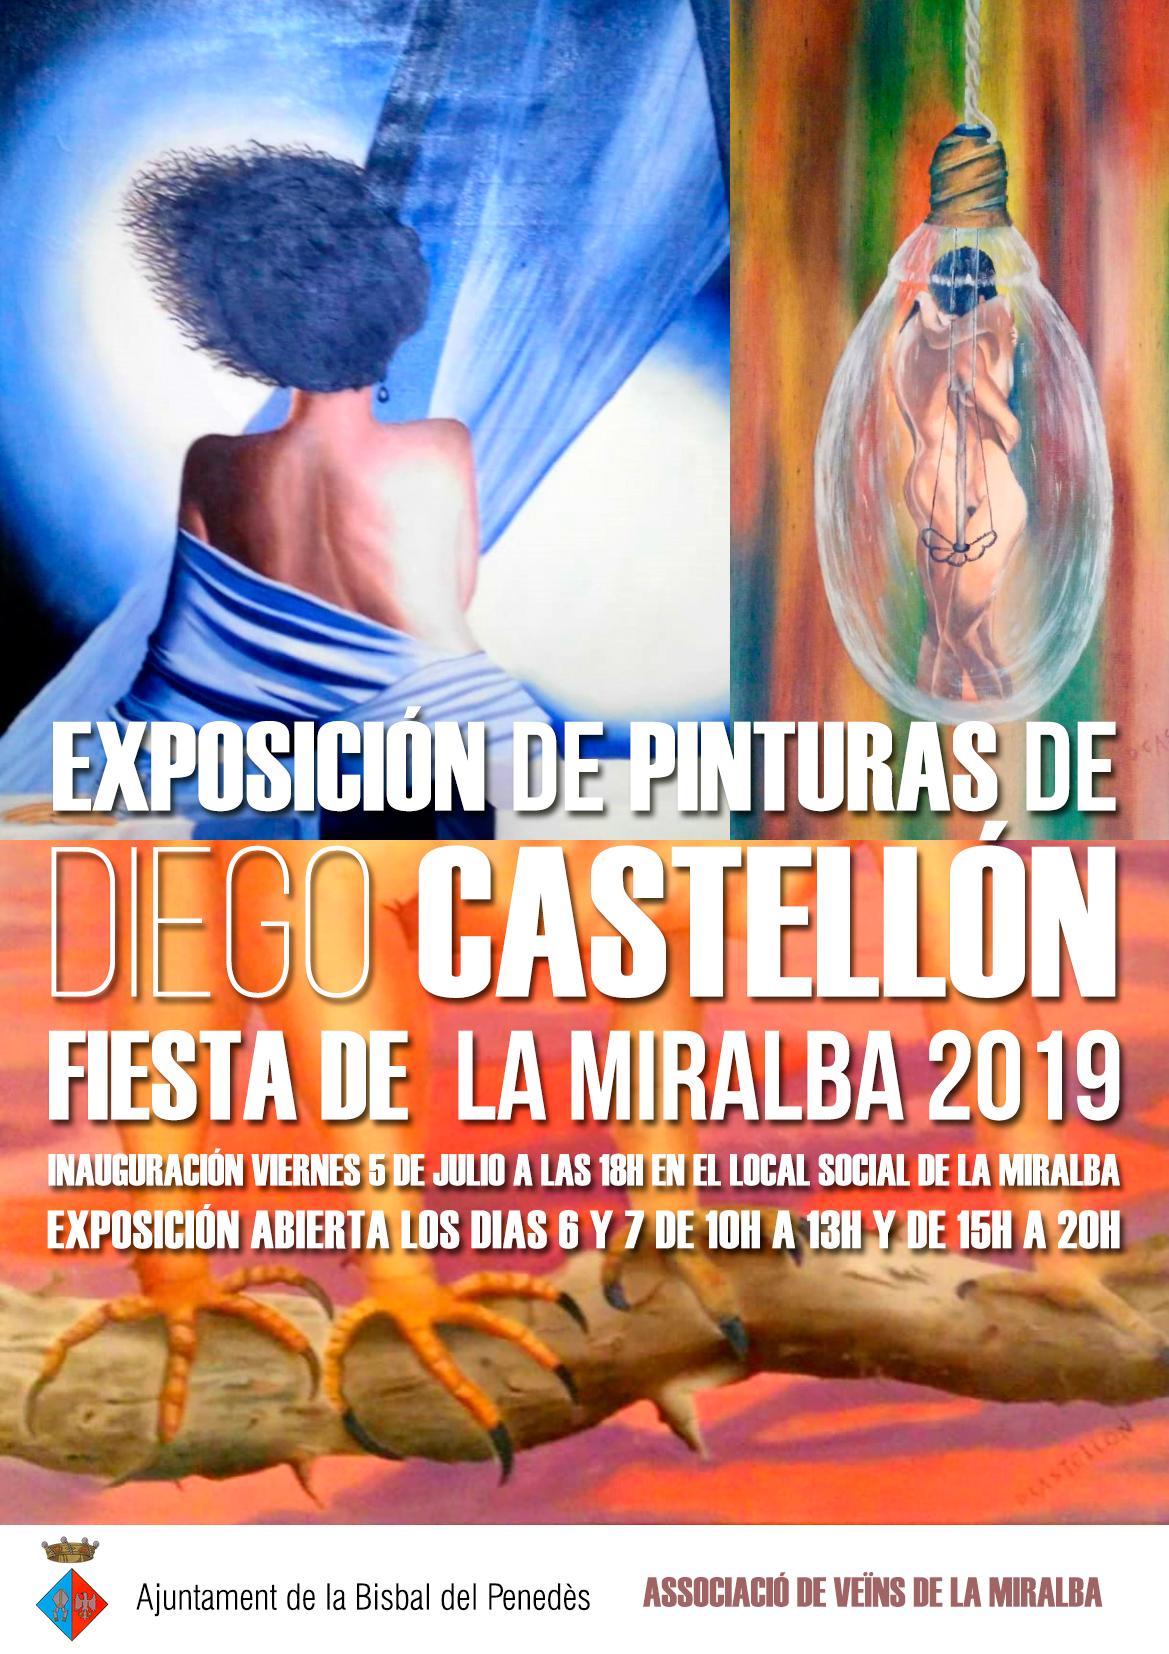 El bisbalenc Diego Castellón exposarà la seva obra del 5 al 7 de juliol al local social de la Miralba